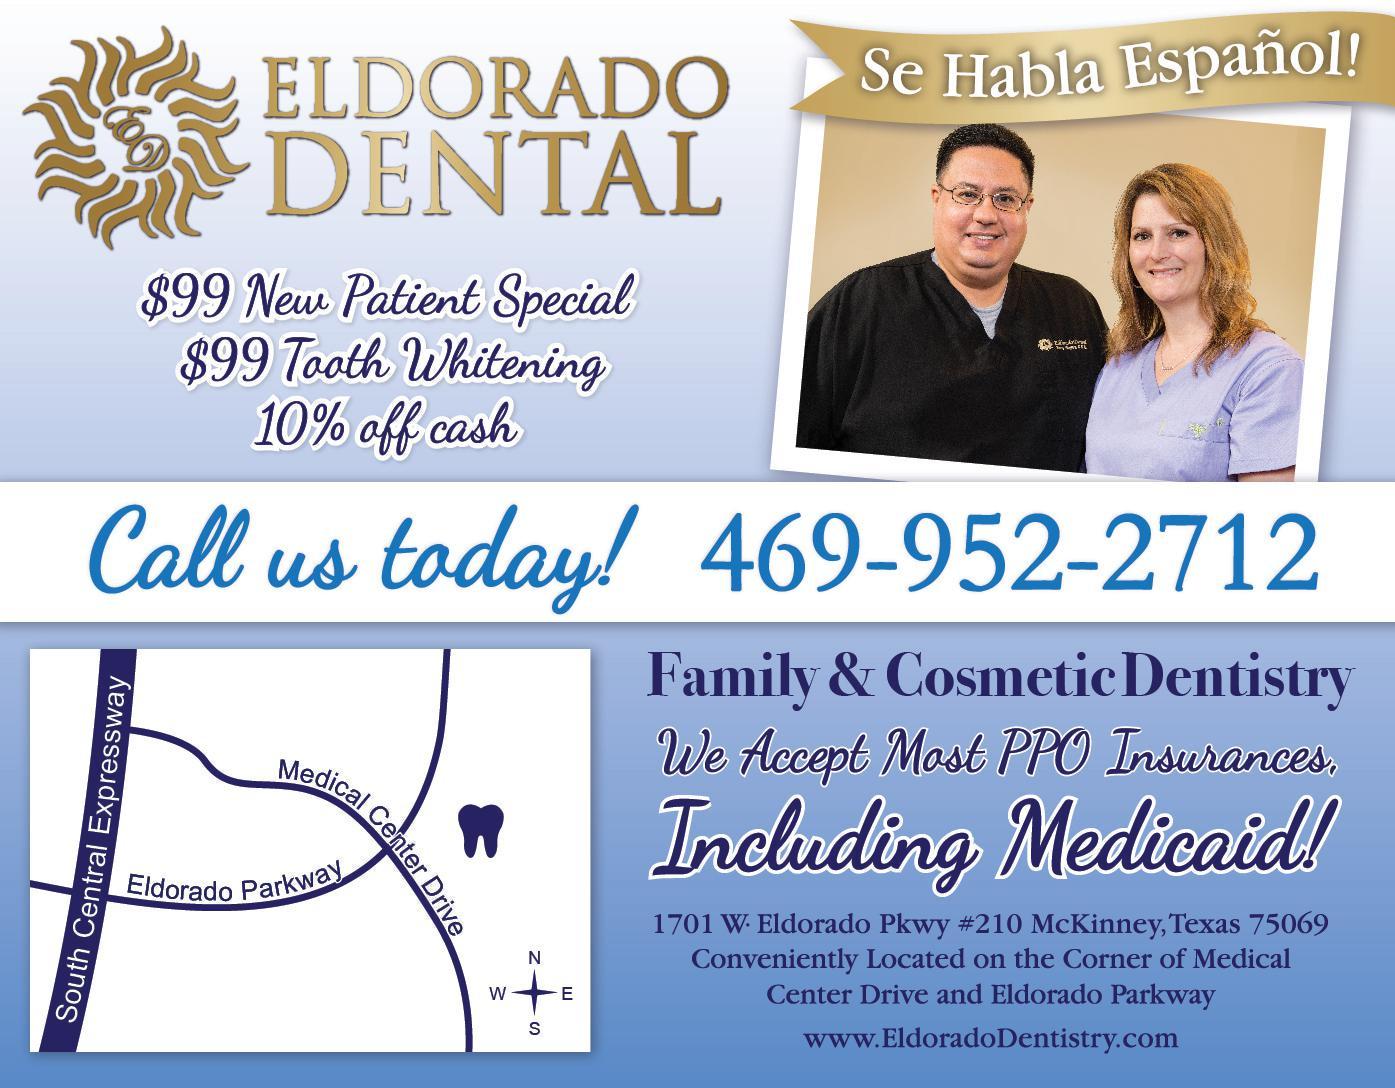 Eldorado Dental